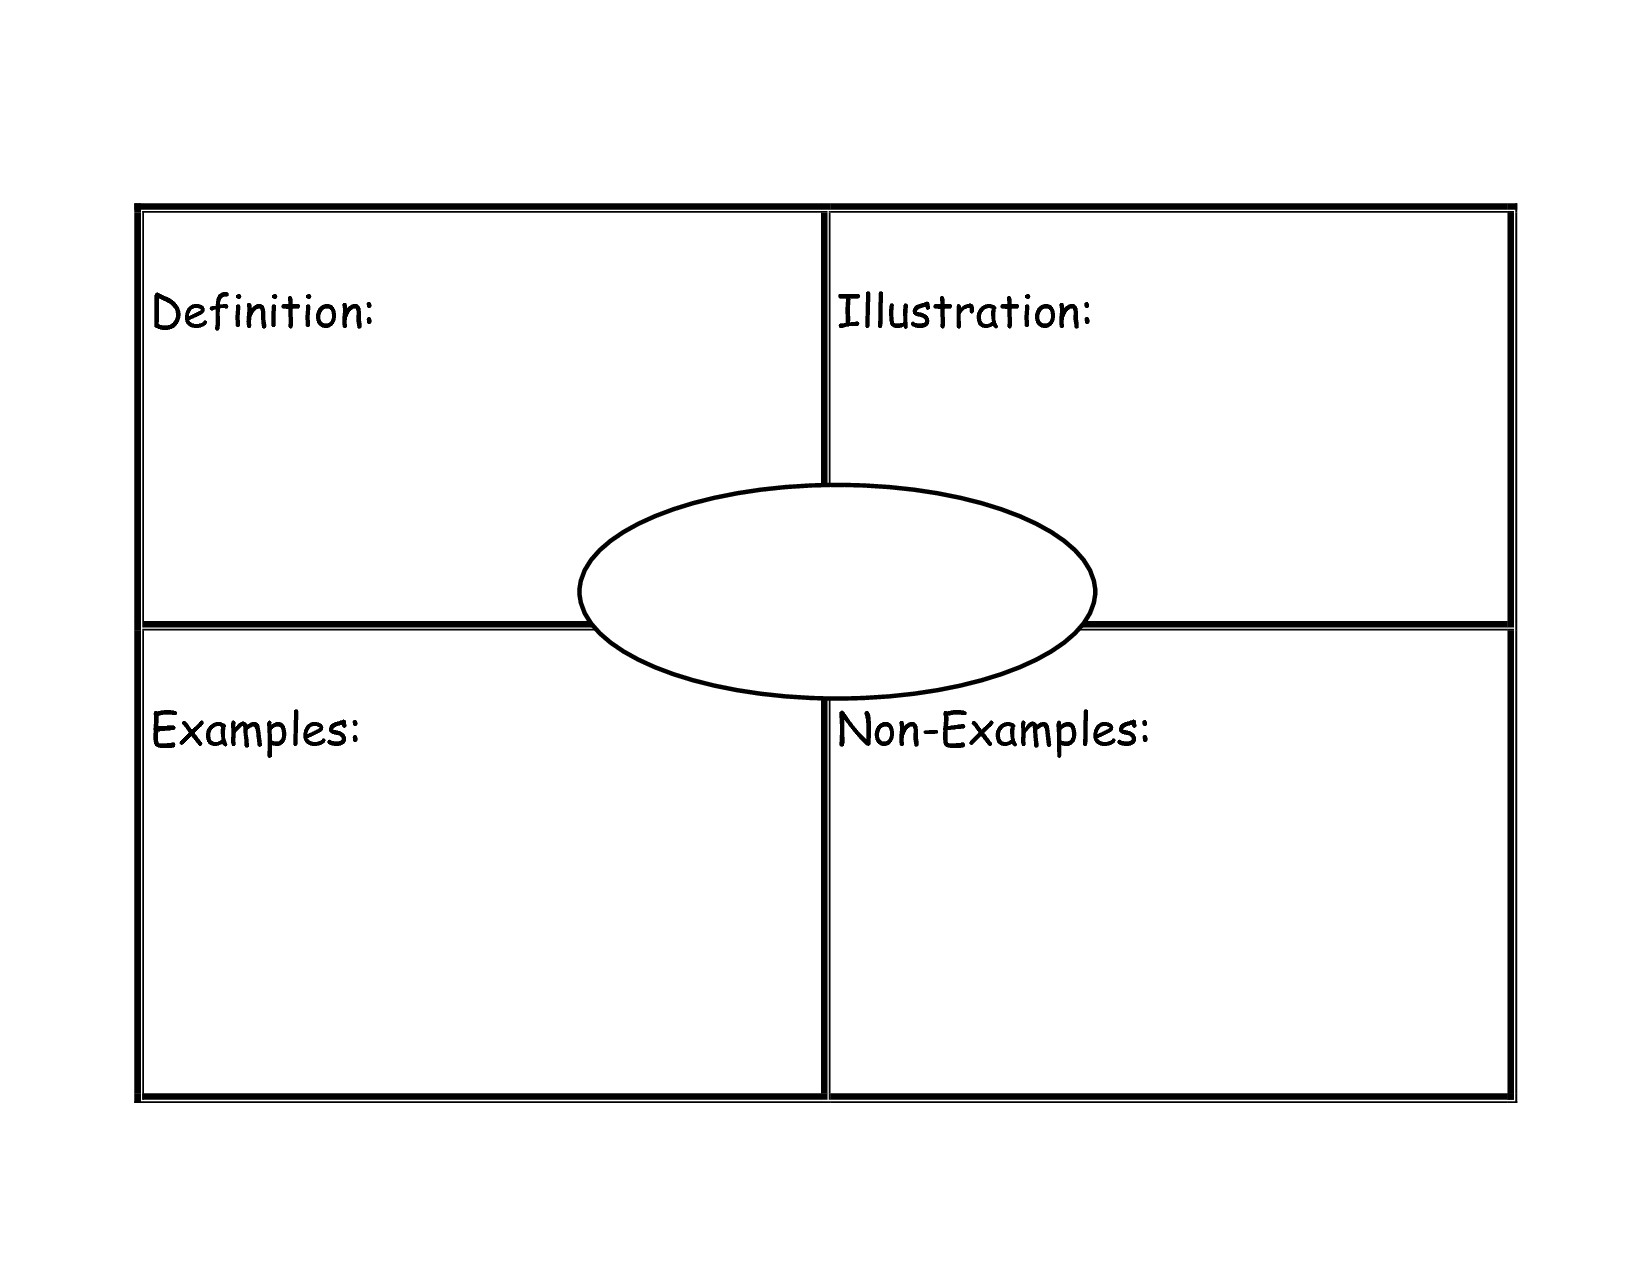 small resolution of i pinimg com originals 83 53 b2 8353b28d7512362ae9 graphic model organizer frayer diagram